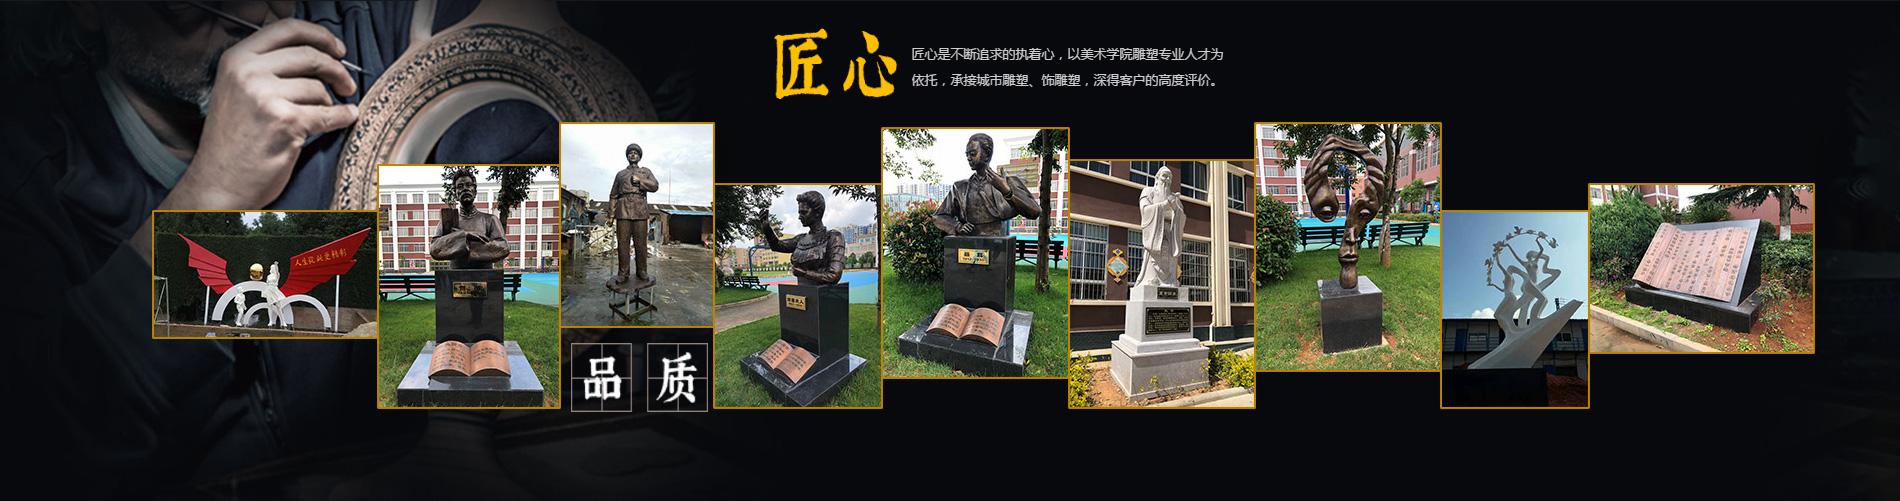 云南雕塑设计公司